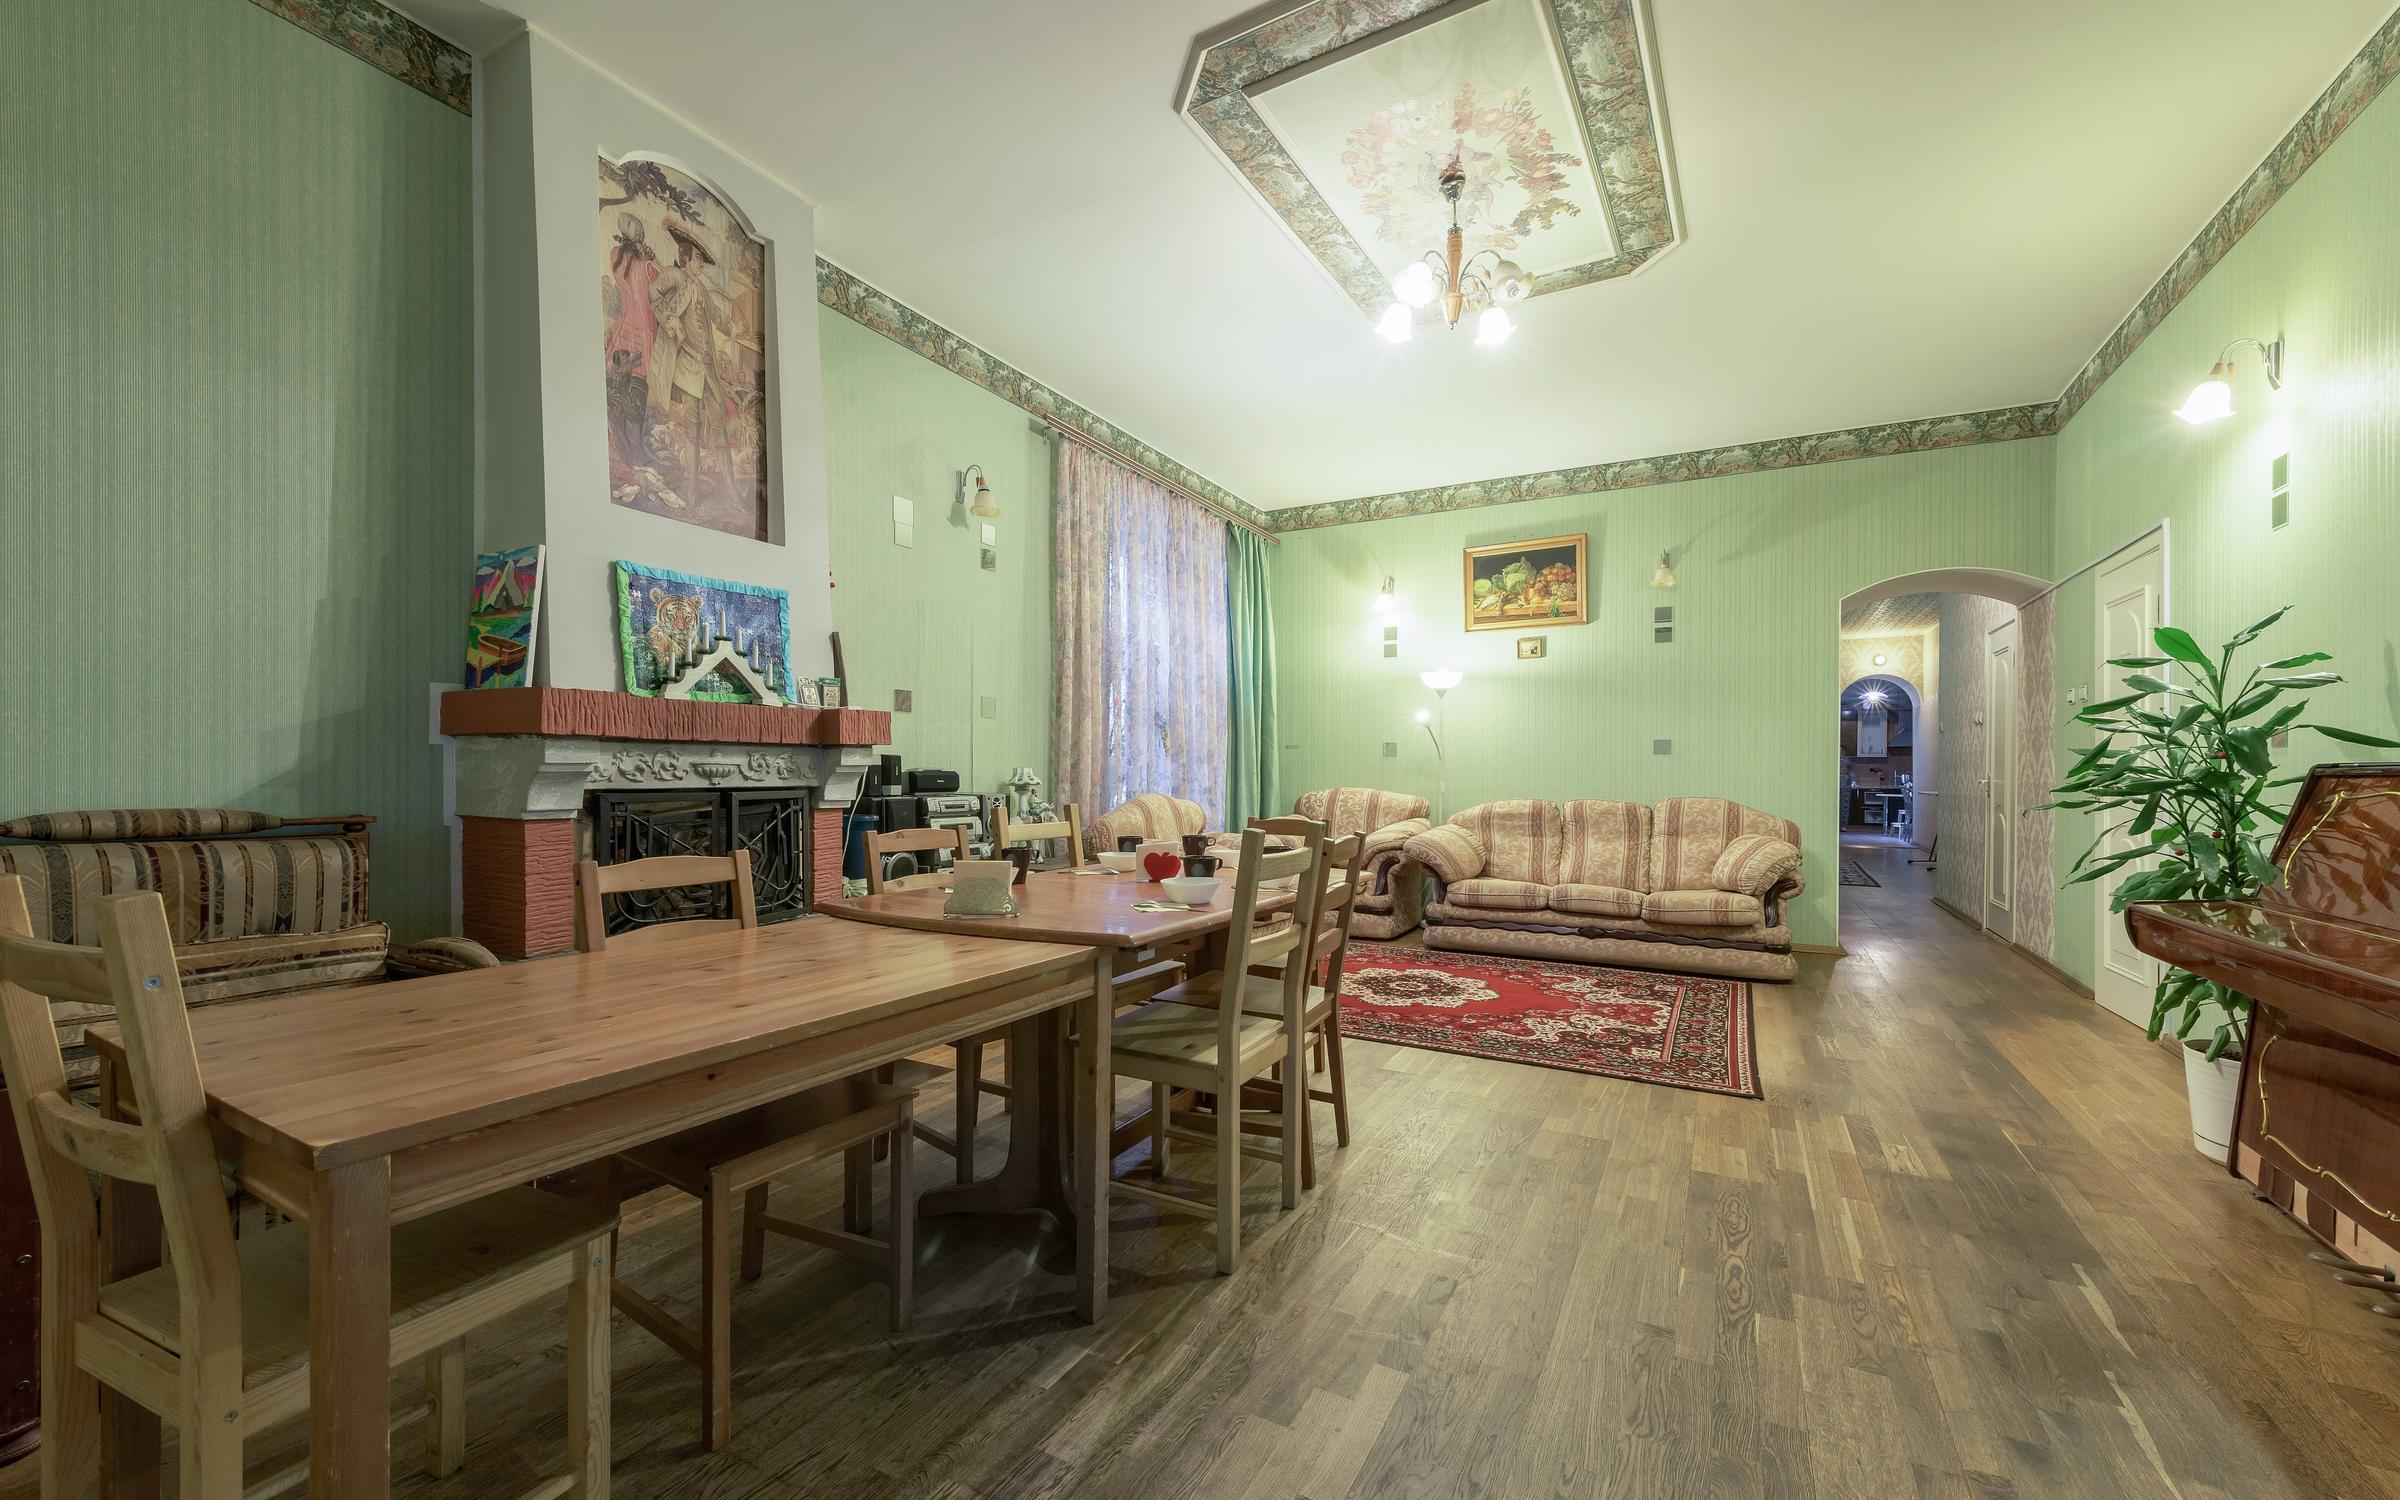 Русь дома престарелых дом для пожилых людей липецк